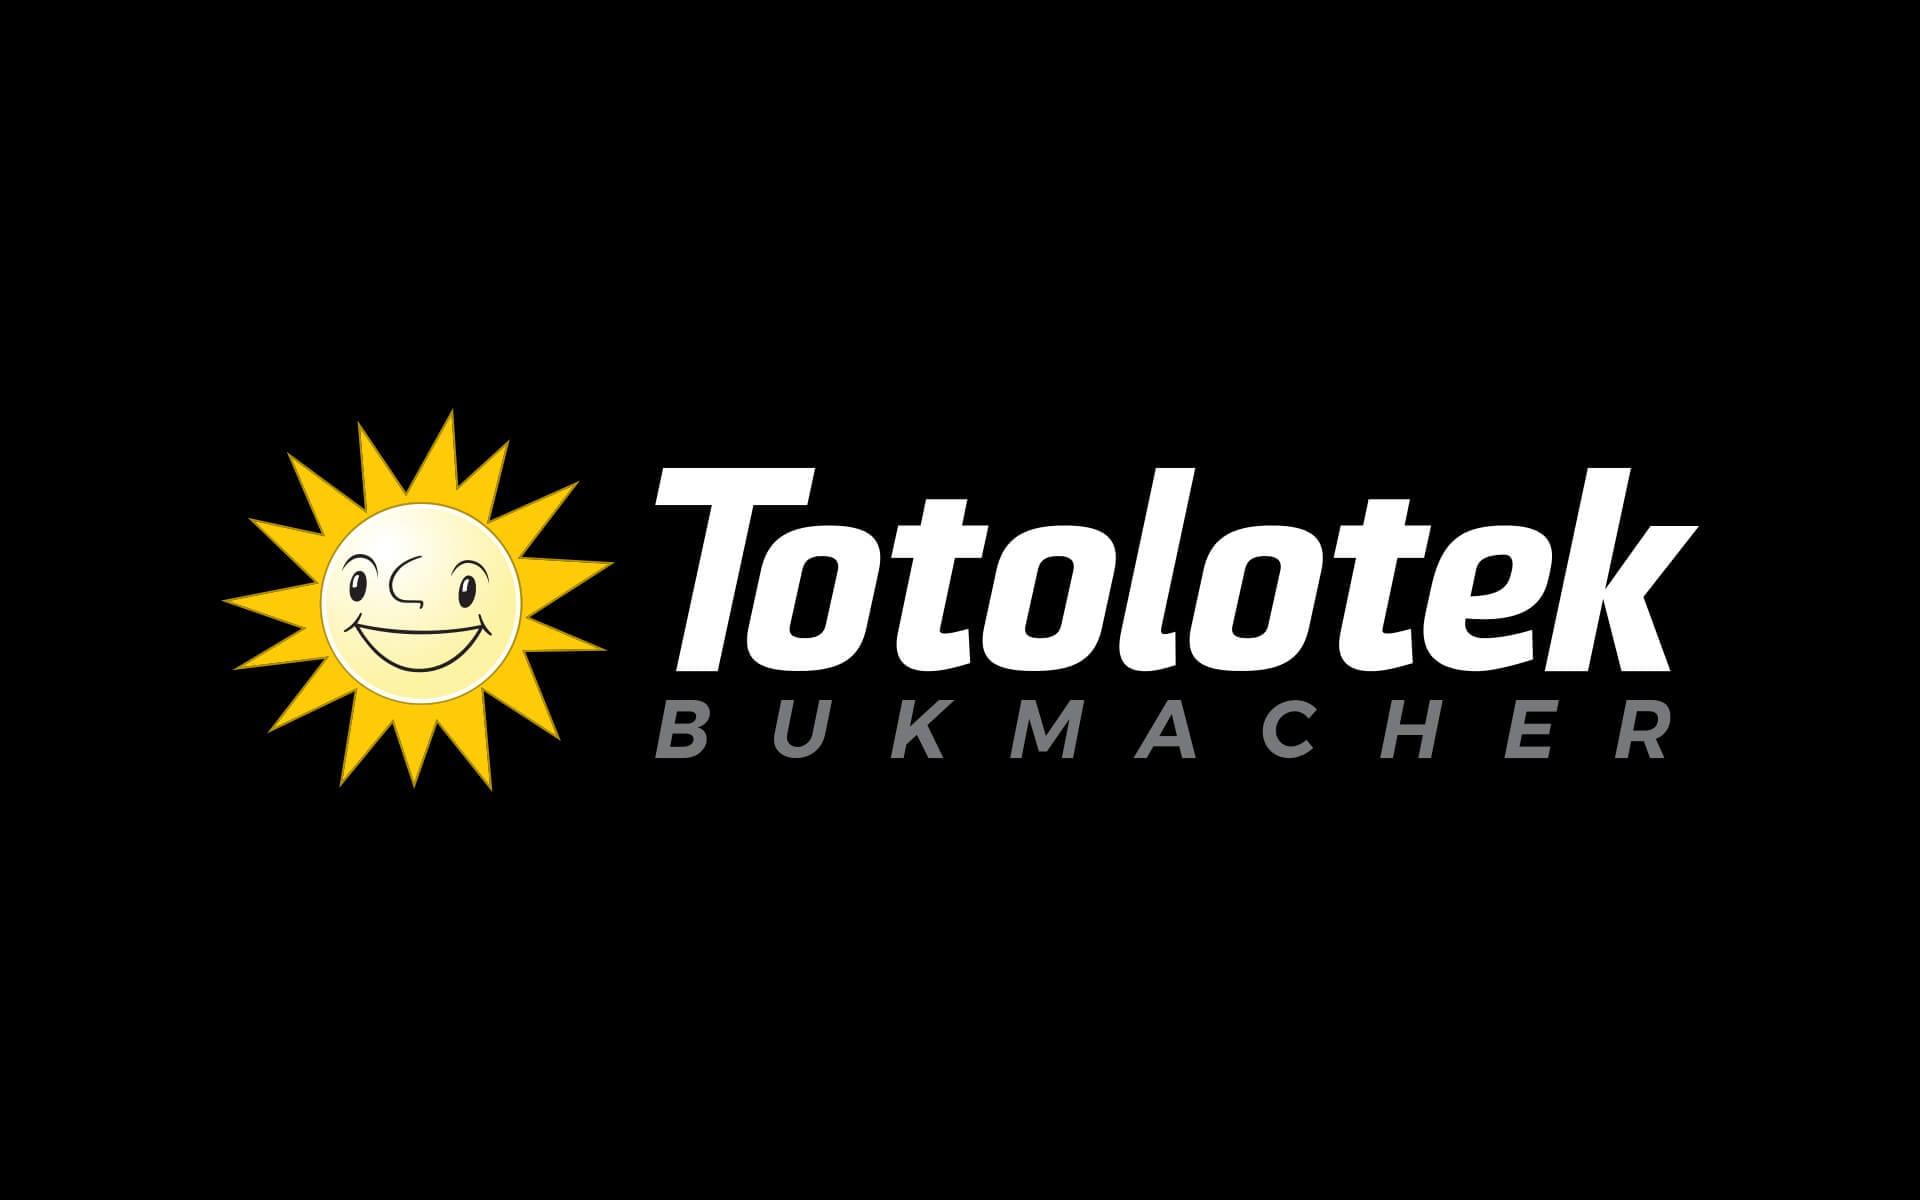 Totolotek Zakłady Bukmacherskie nowe logo